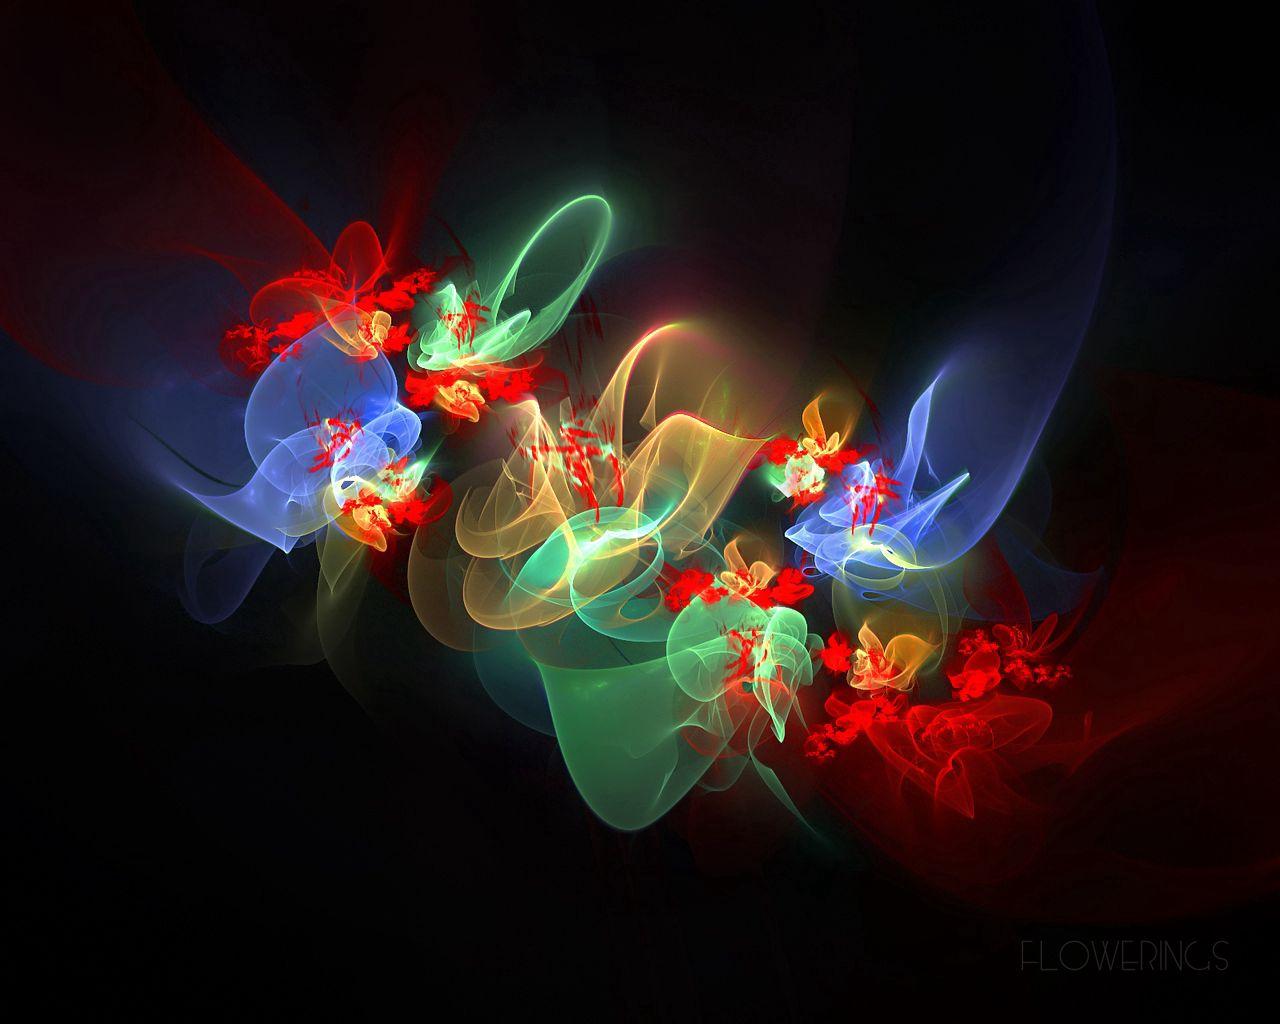 87251 обои 1080x2400 на телефон бесплатно, скачать картинки Абстракция, Цветы, Дым, Узоры, Блики, Разноцветный, Цветение, Фрактал 1080x2400 на мобильный